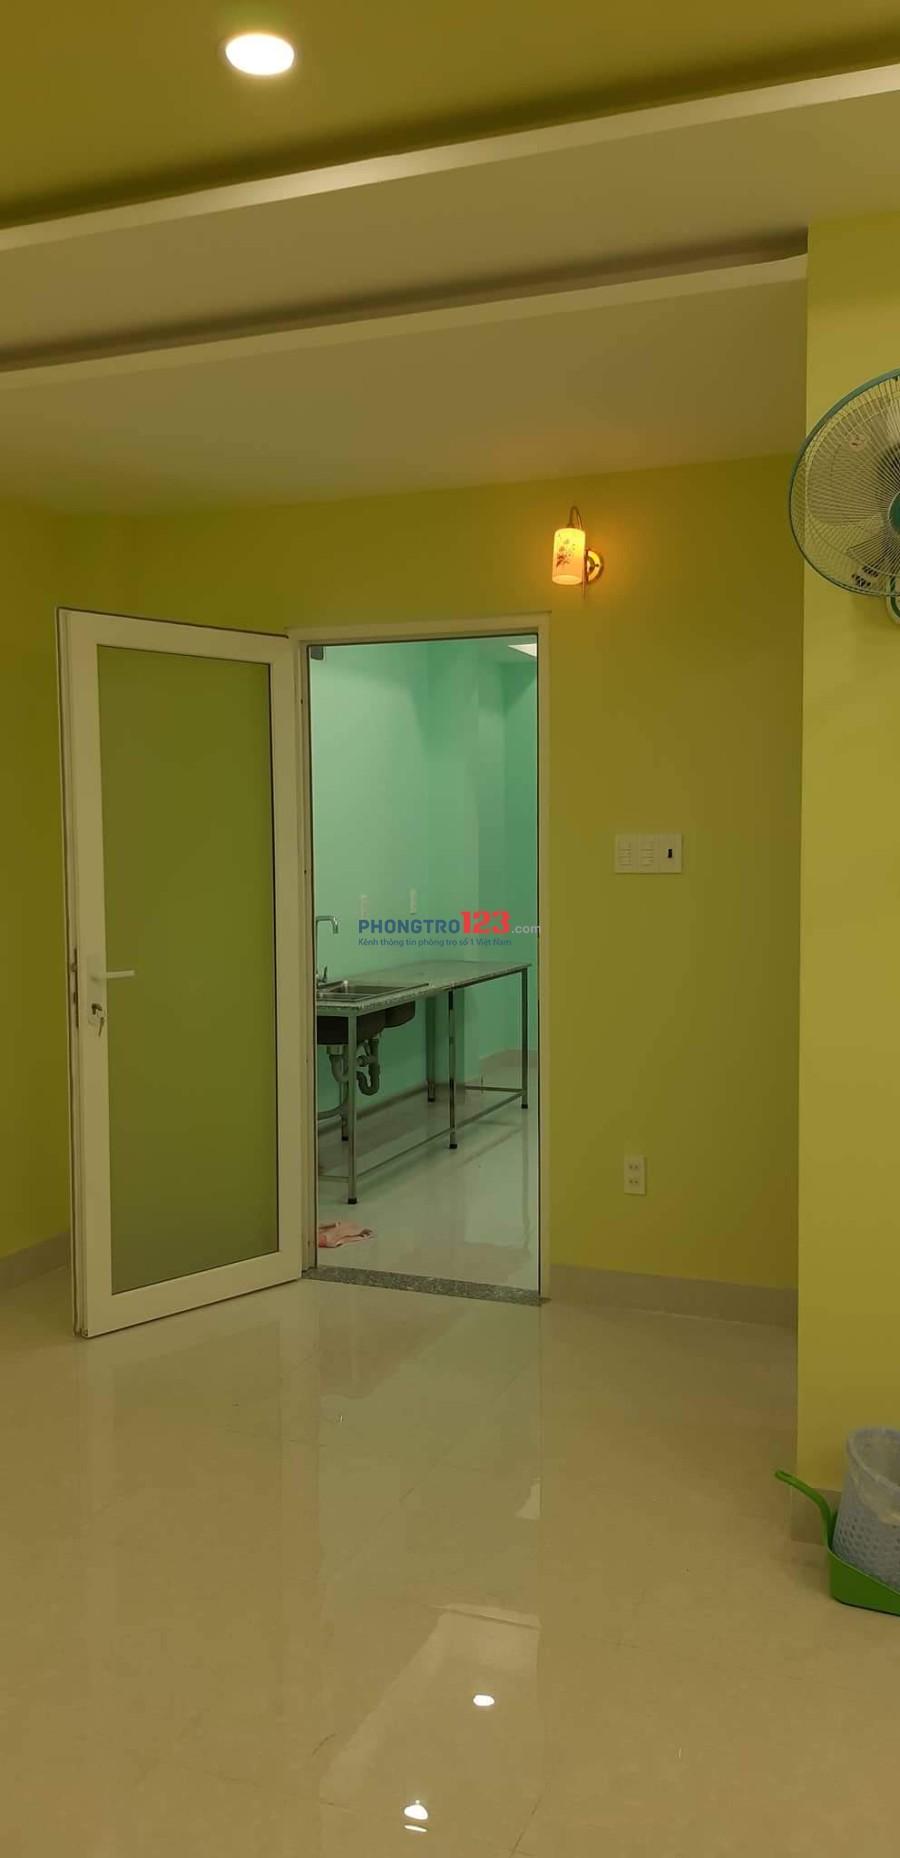 Cho thuê nhà nguyên căn Or Phòng có máy lạnh Tại hẻm 229 Đề Thám, Q.1. Giá từ 3tr/tháng